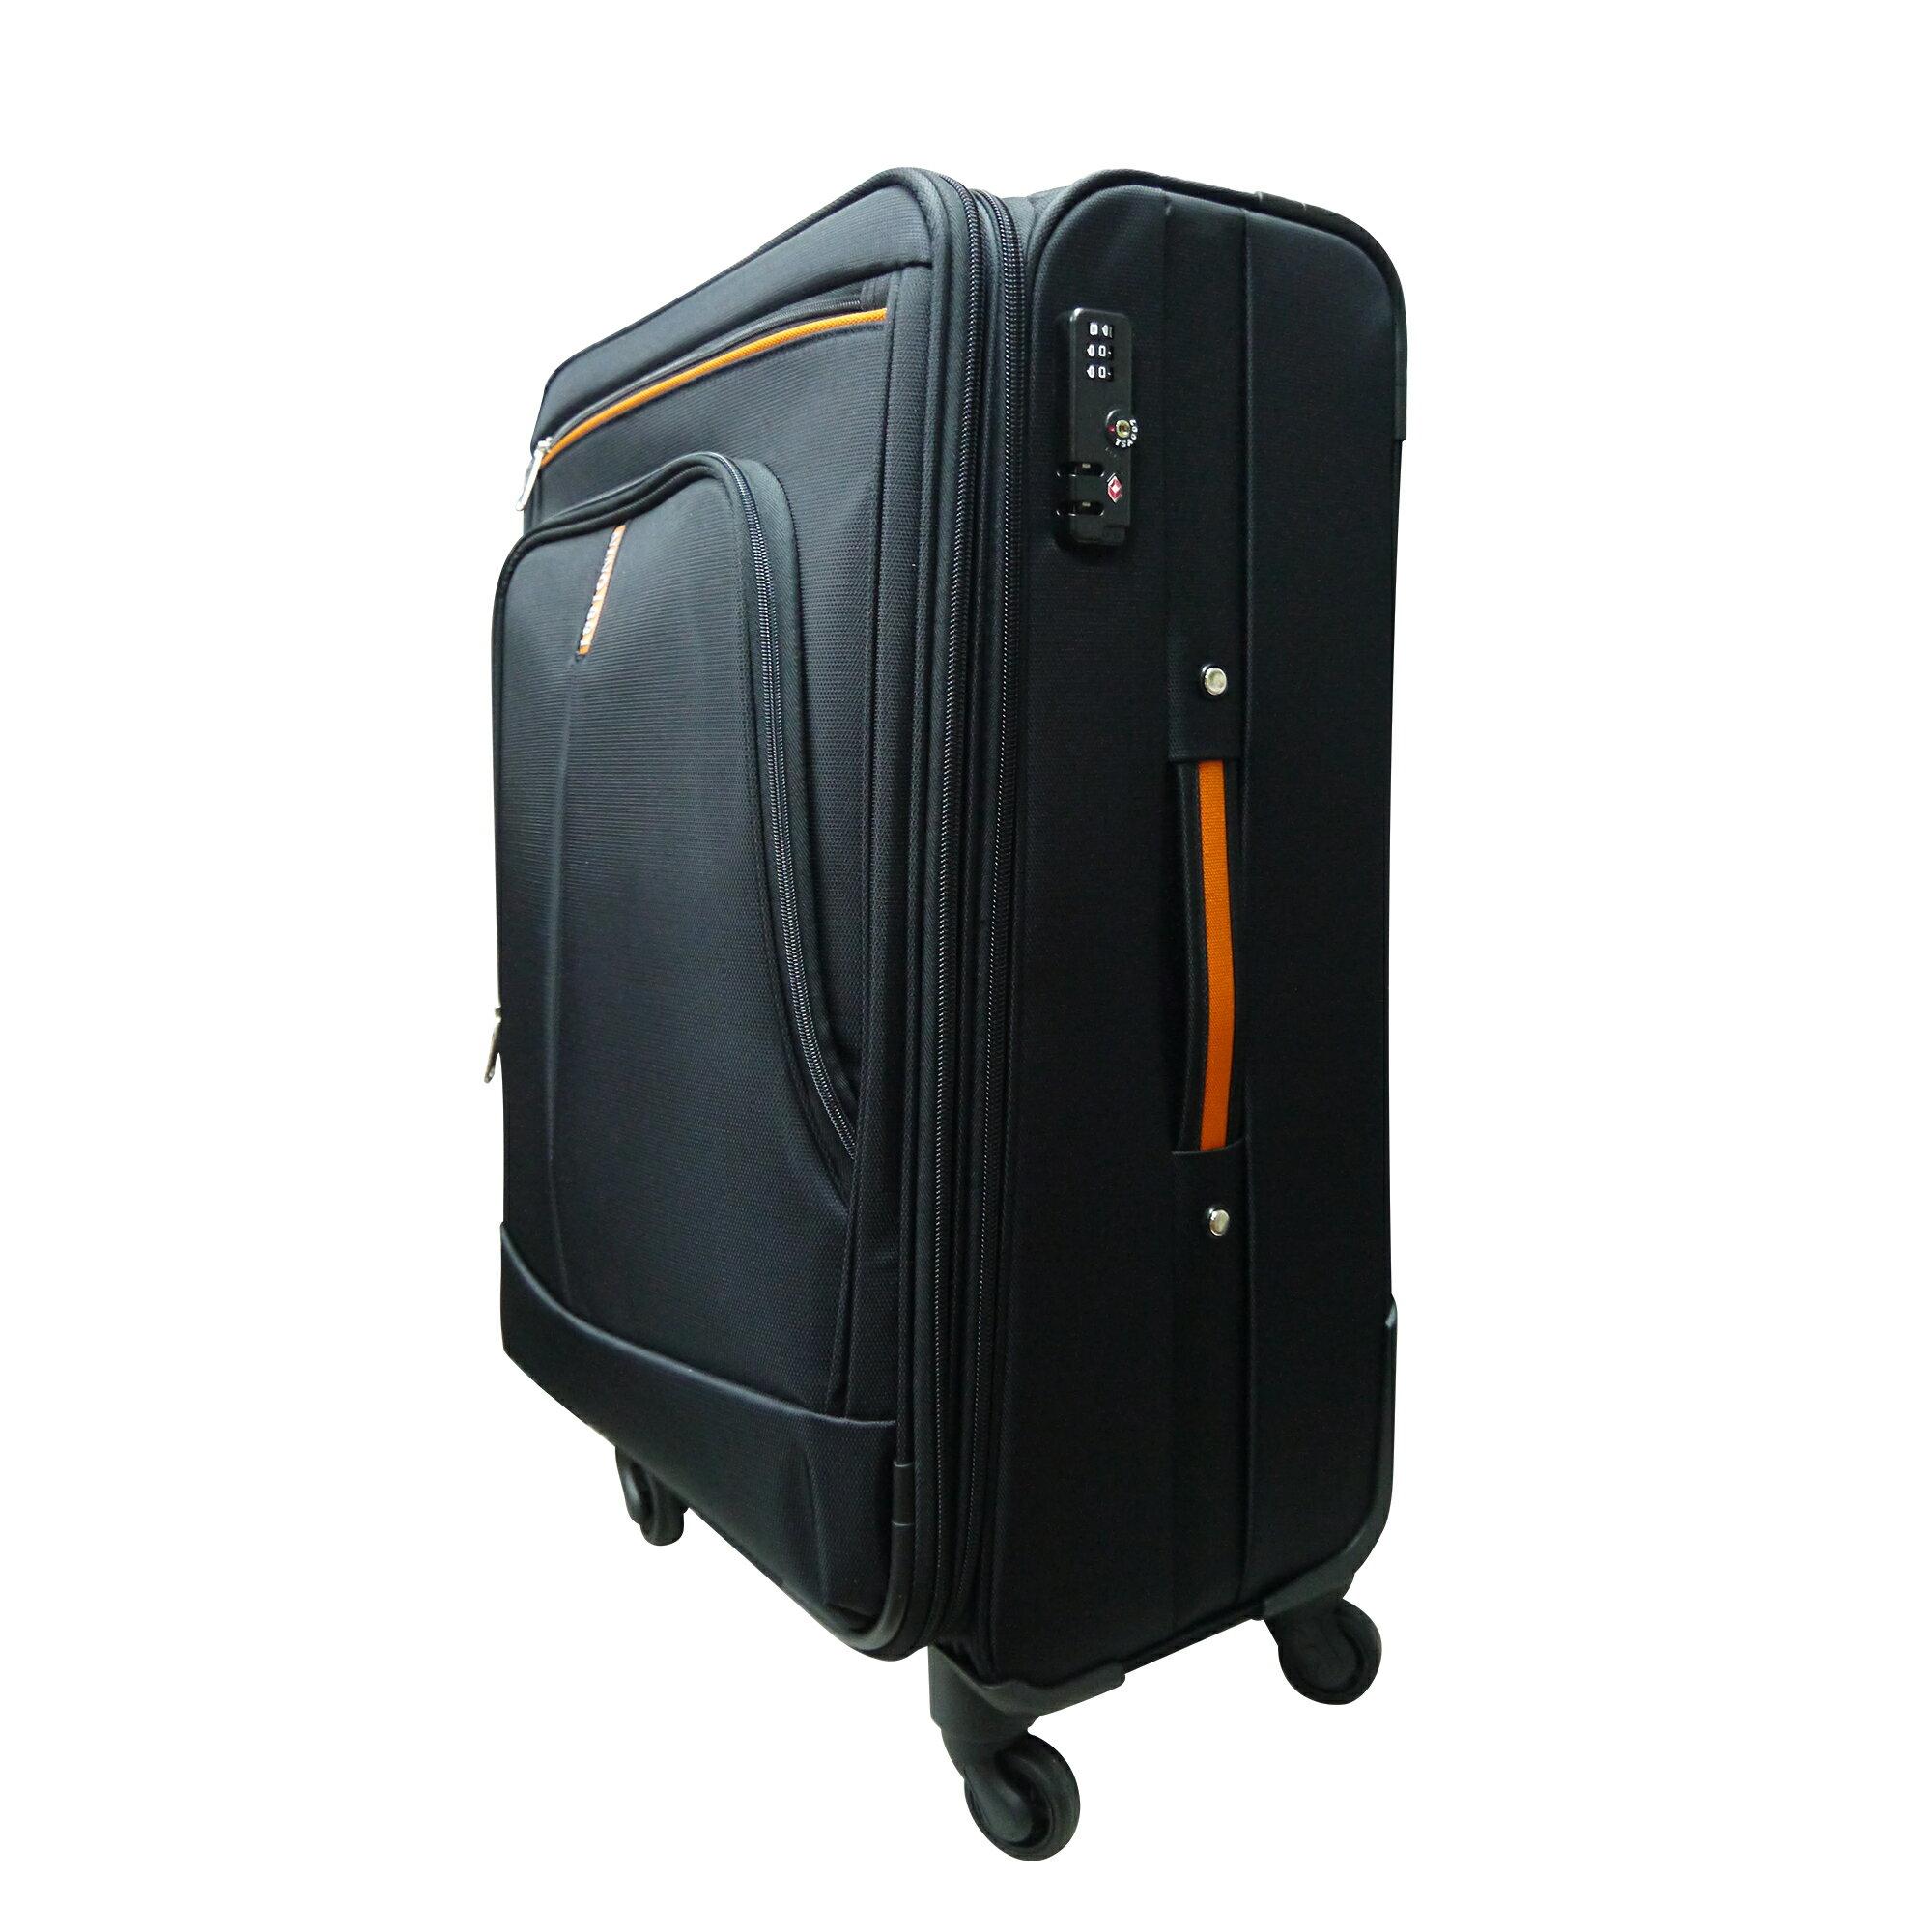 【加賀皮件】NINO1881 商務拉桿箱 布箱 行李箱 旅行箱 防潑水 靜音輪 四輪 17吋 8585